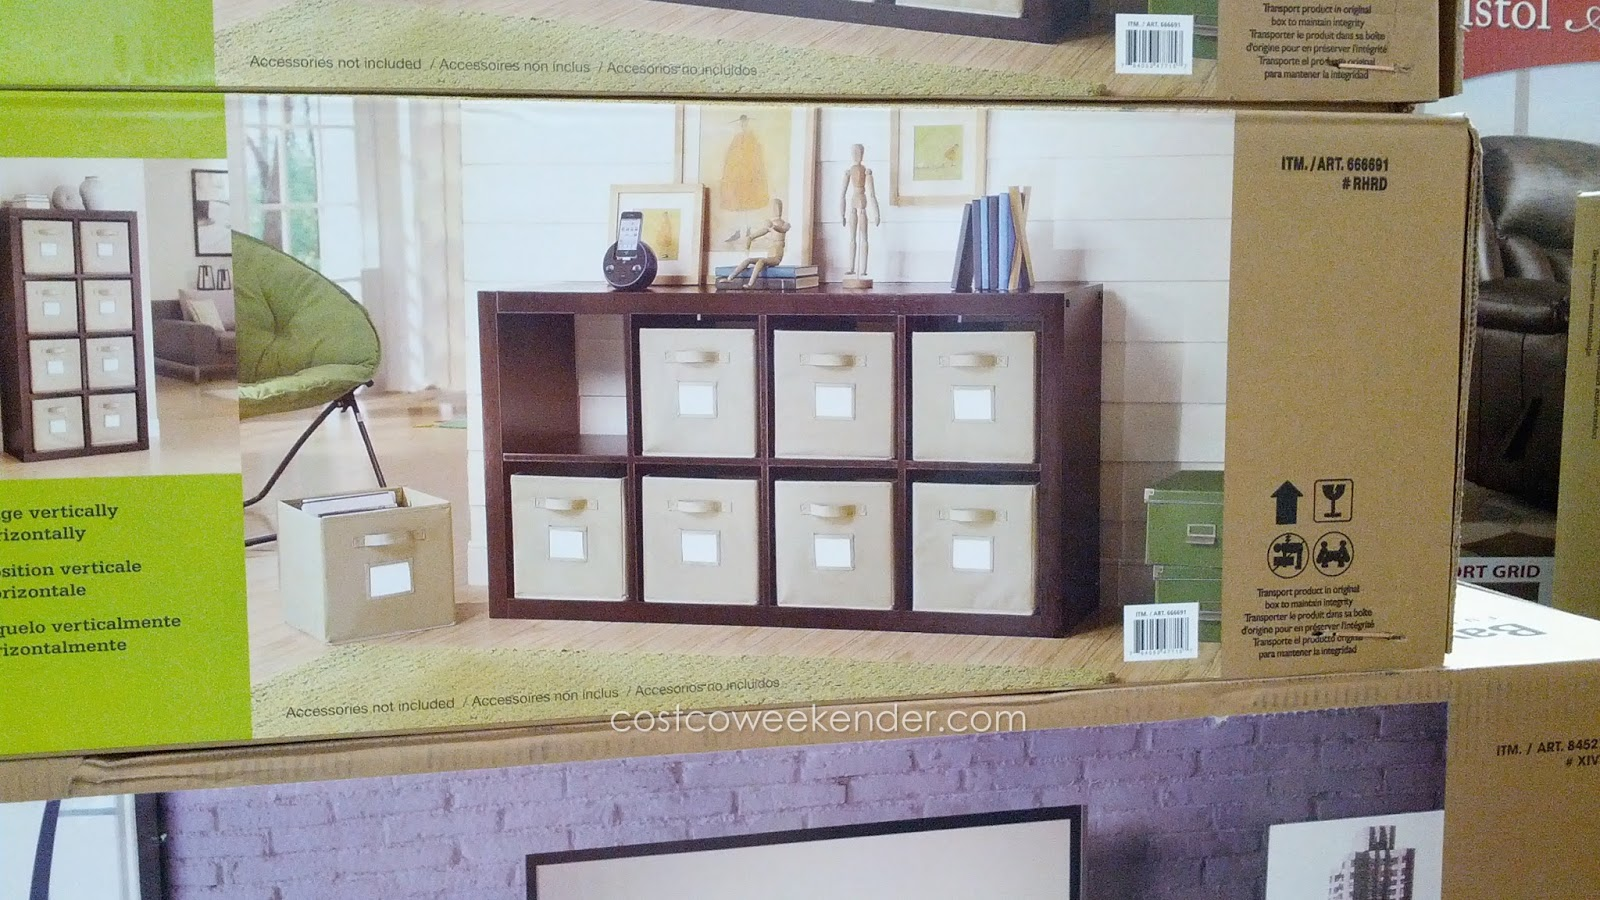 Bayside Furnishings Onin Room Divider Costco Weekender